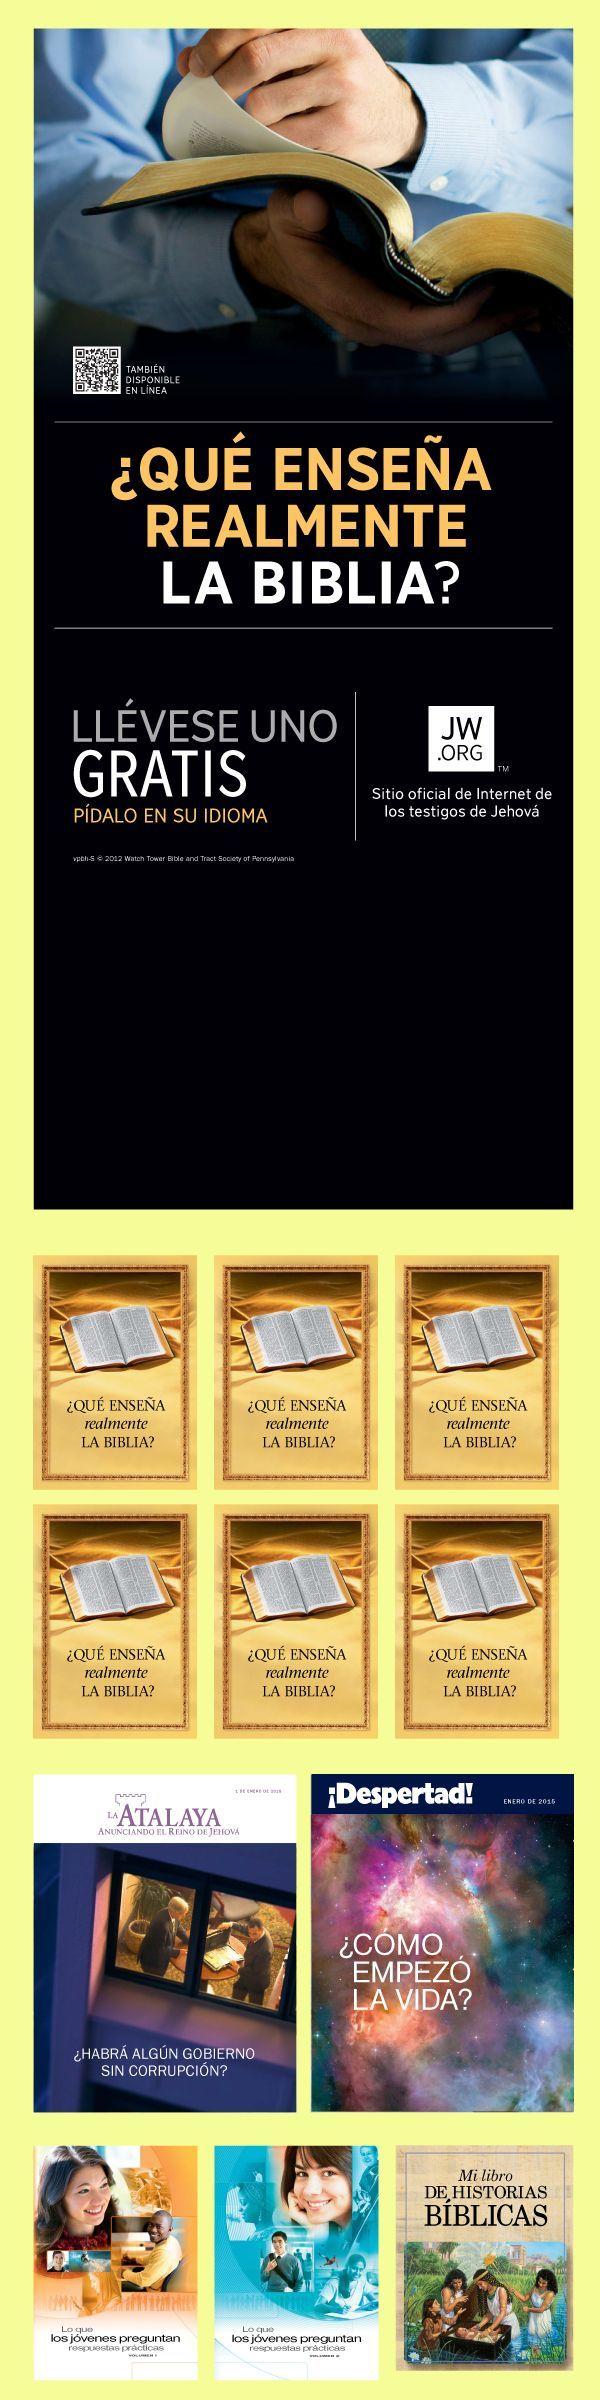 fce15ad225b7f961b6c6cd03397f18d9.jpg (600×2400)